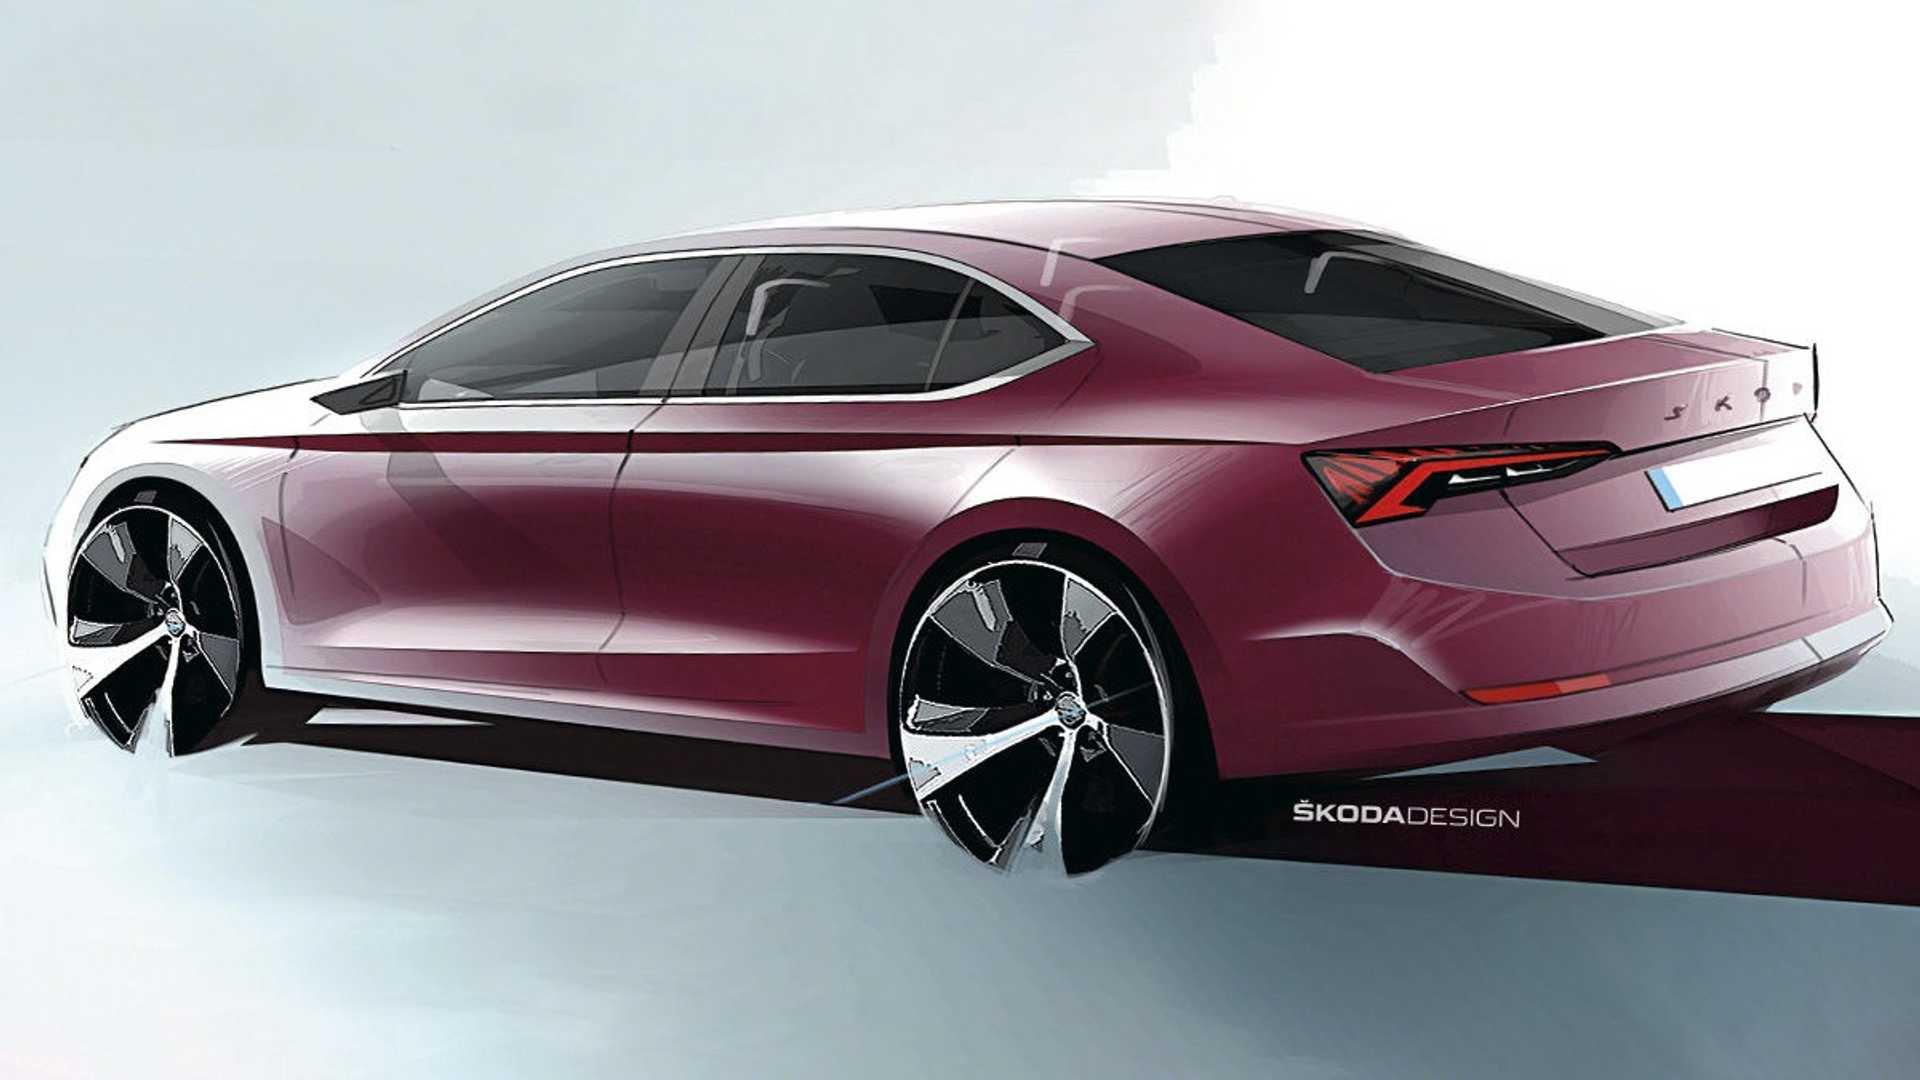 Новая Skoda Octavia 2020 рассекречена до премьеры